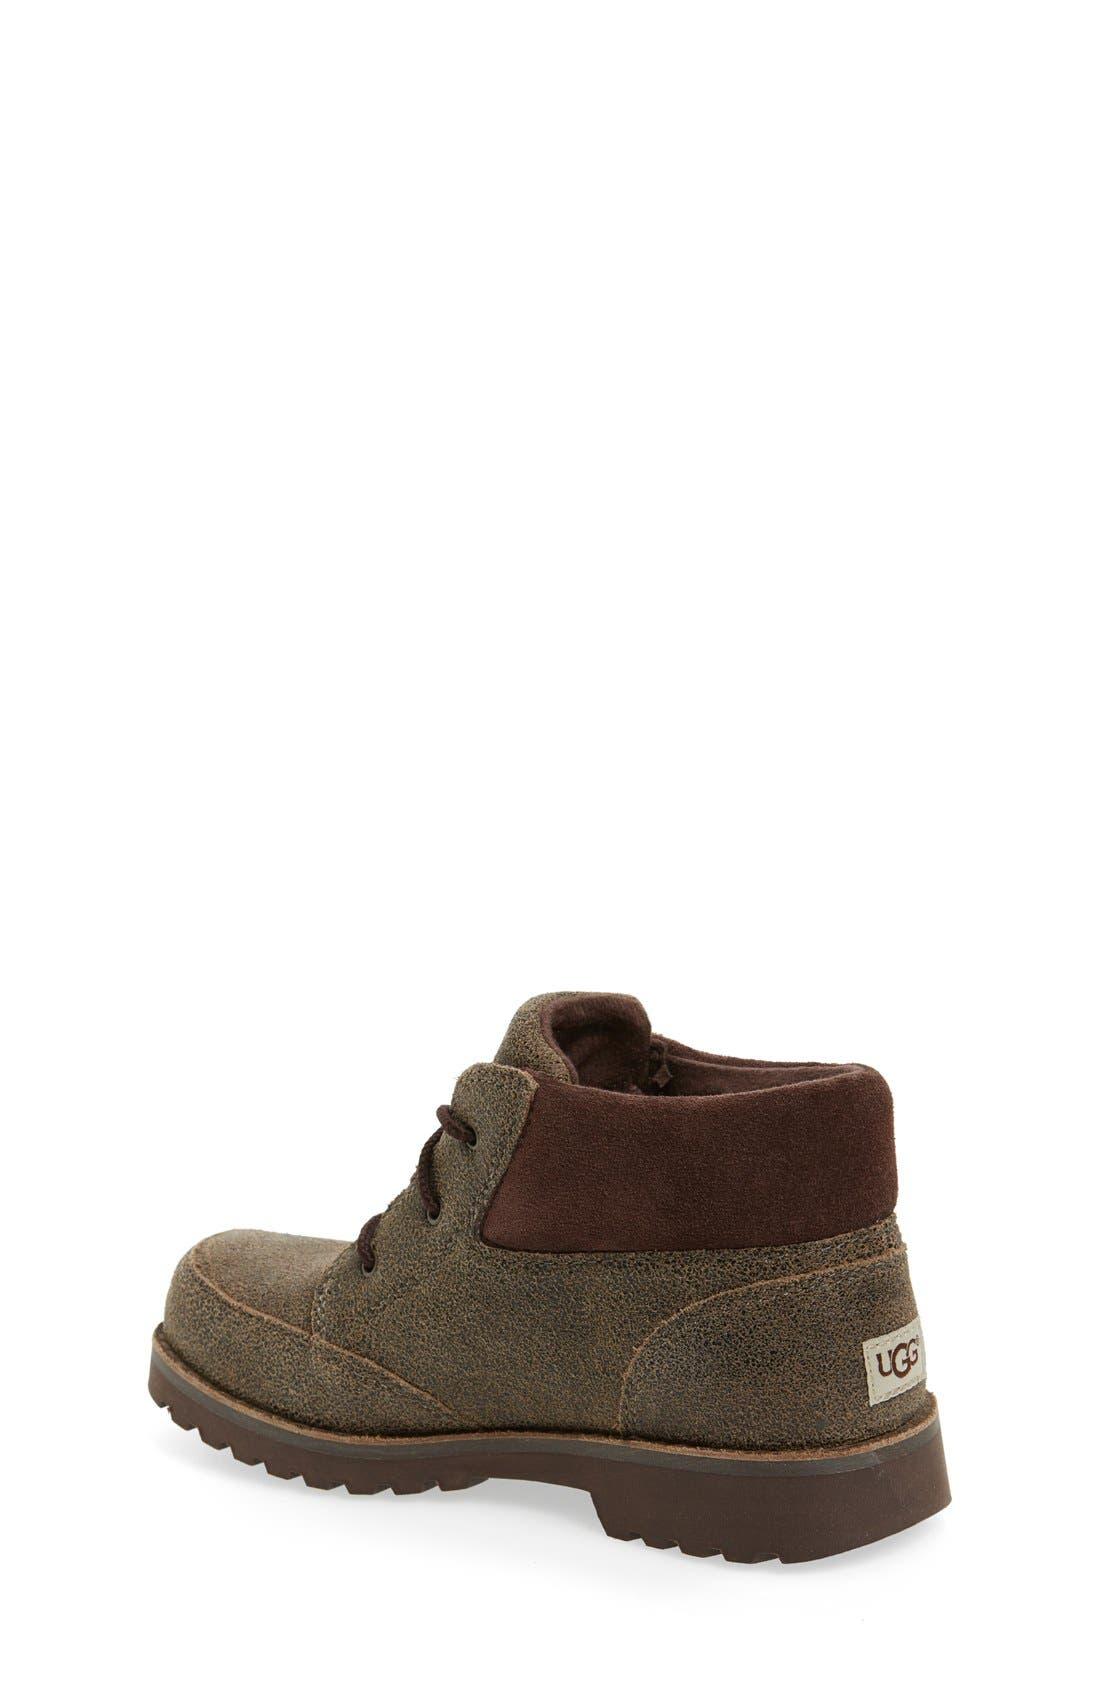 Alternate Image 2  - UGG® Orin Boots (Walker, Toddler, Little Kid & Big Kid)